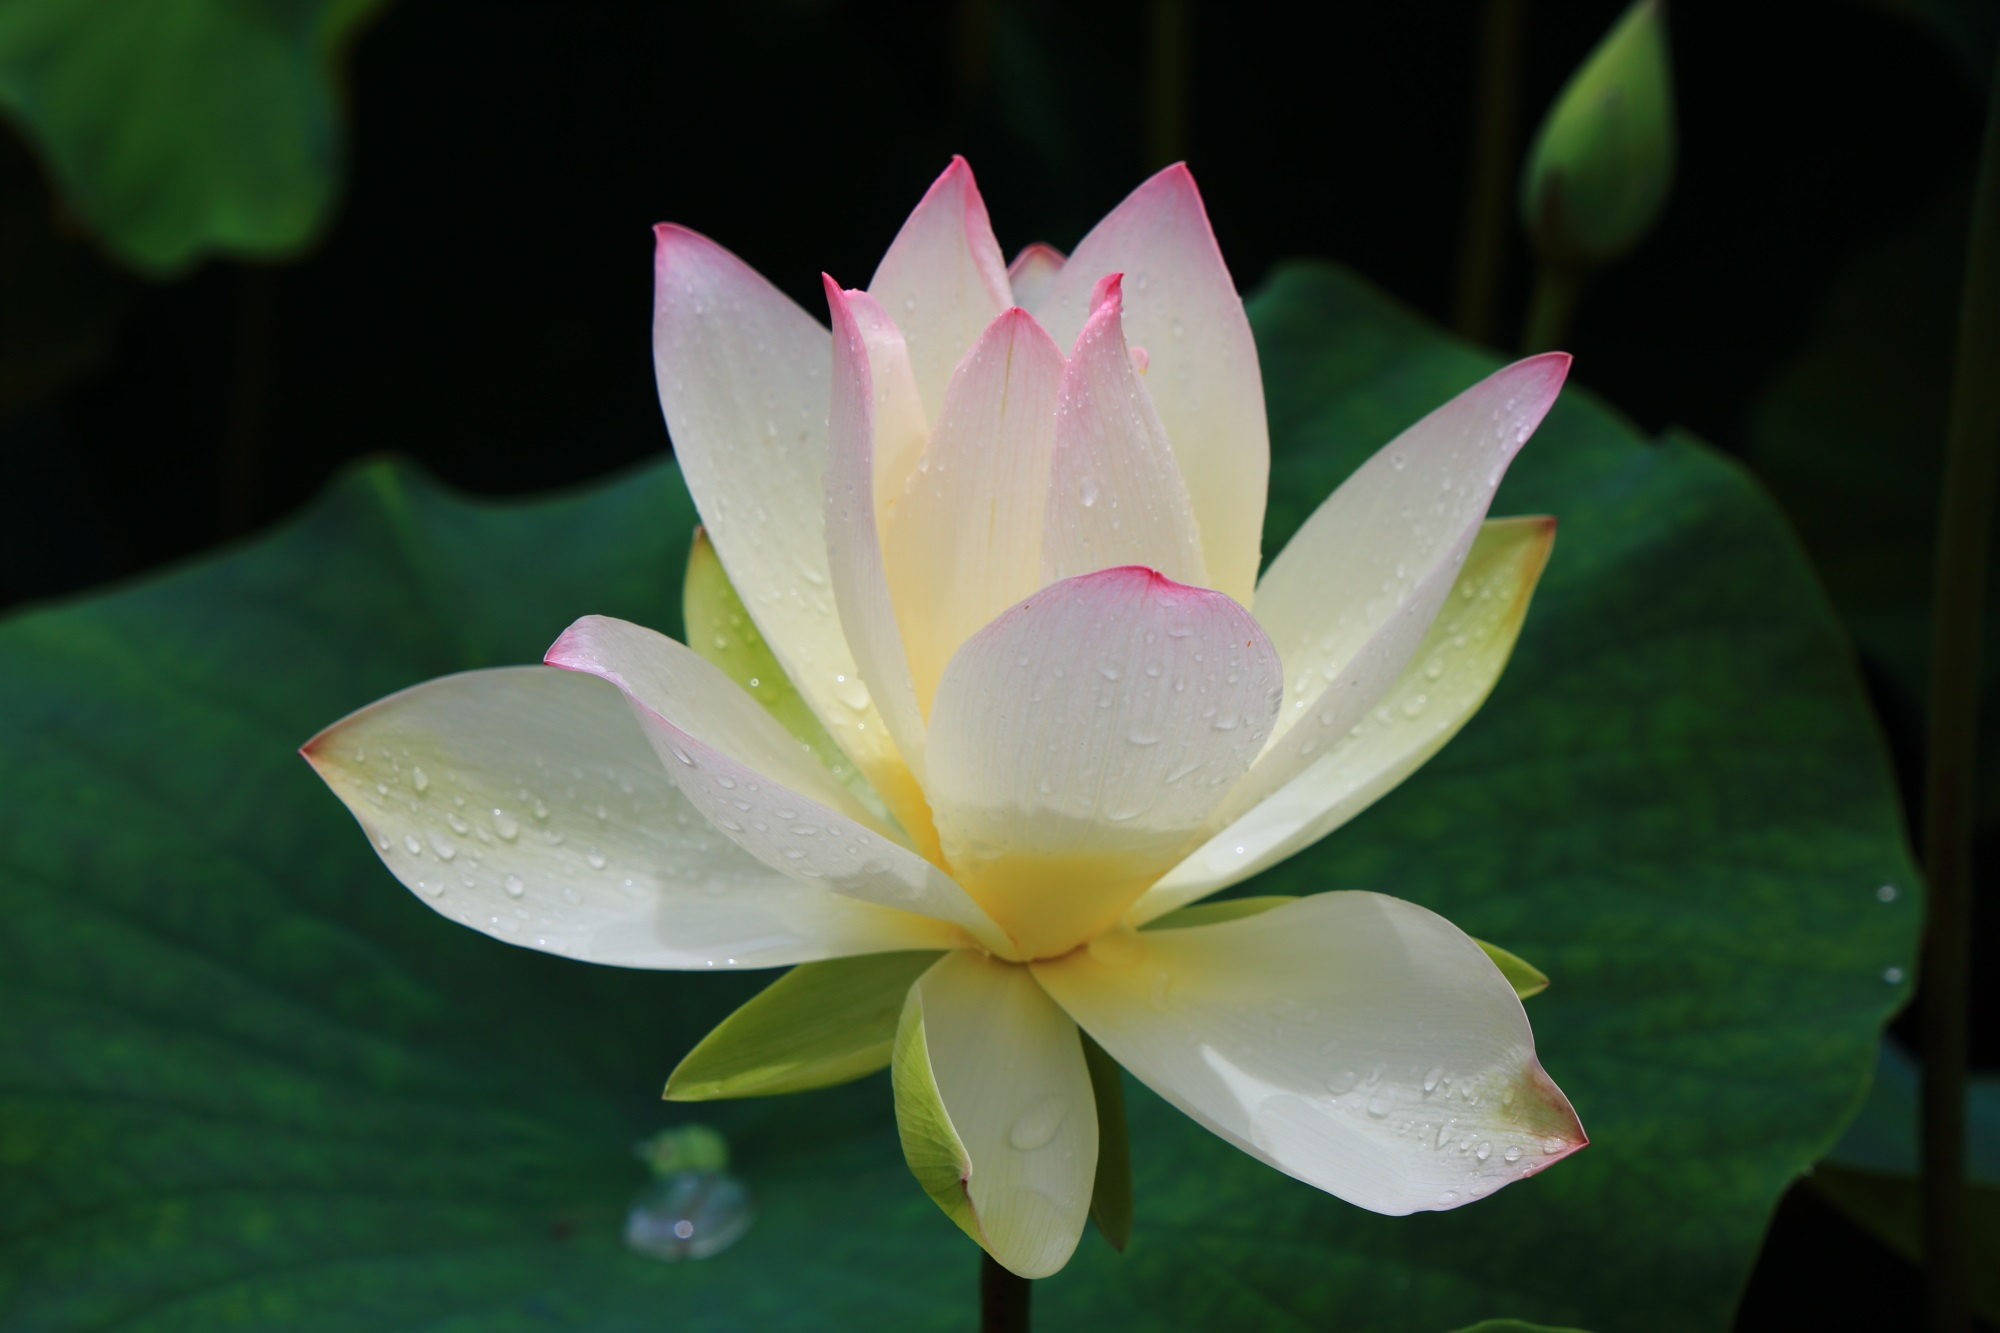 三室戸寺のほのかに光るような上品な蓮の花